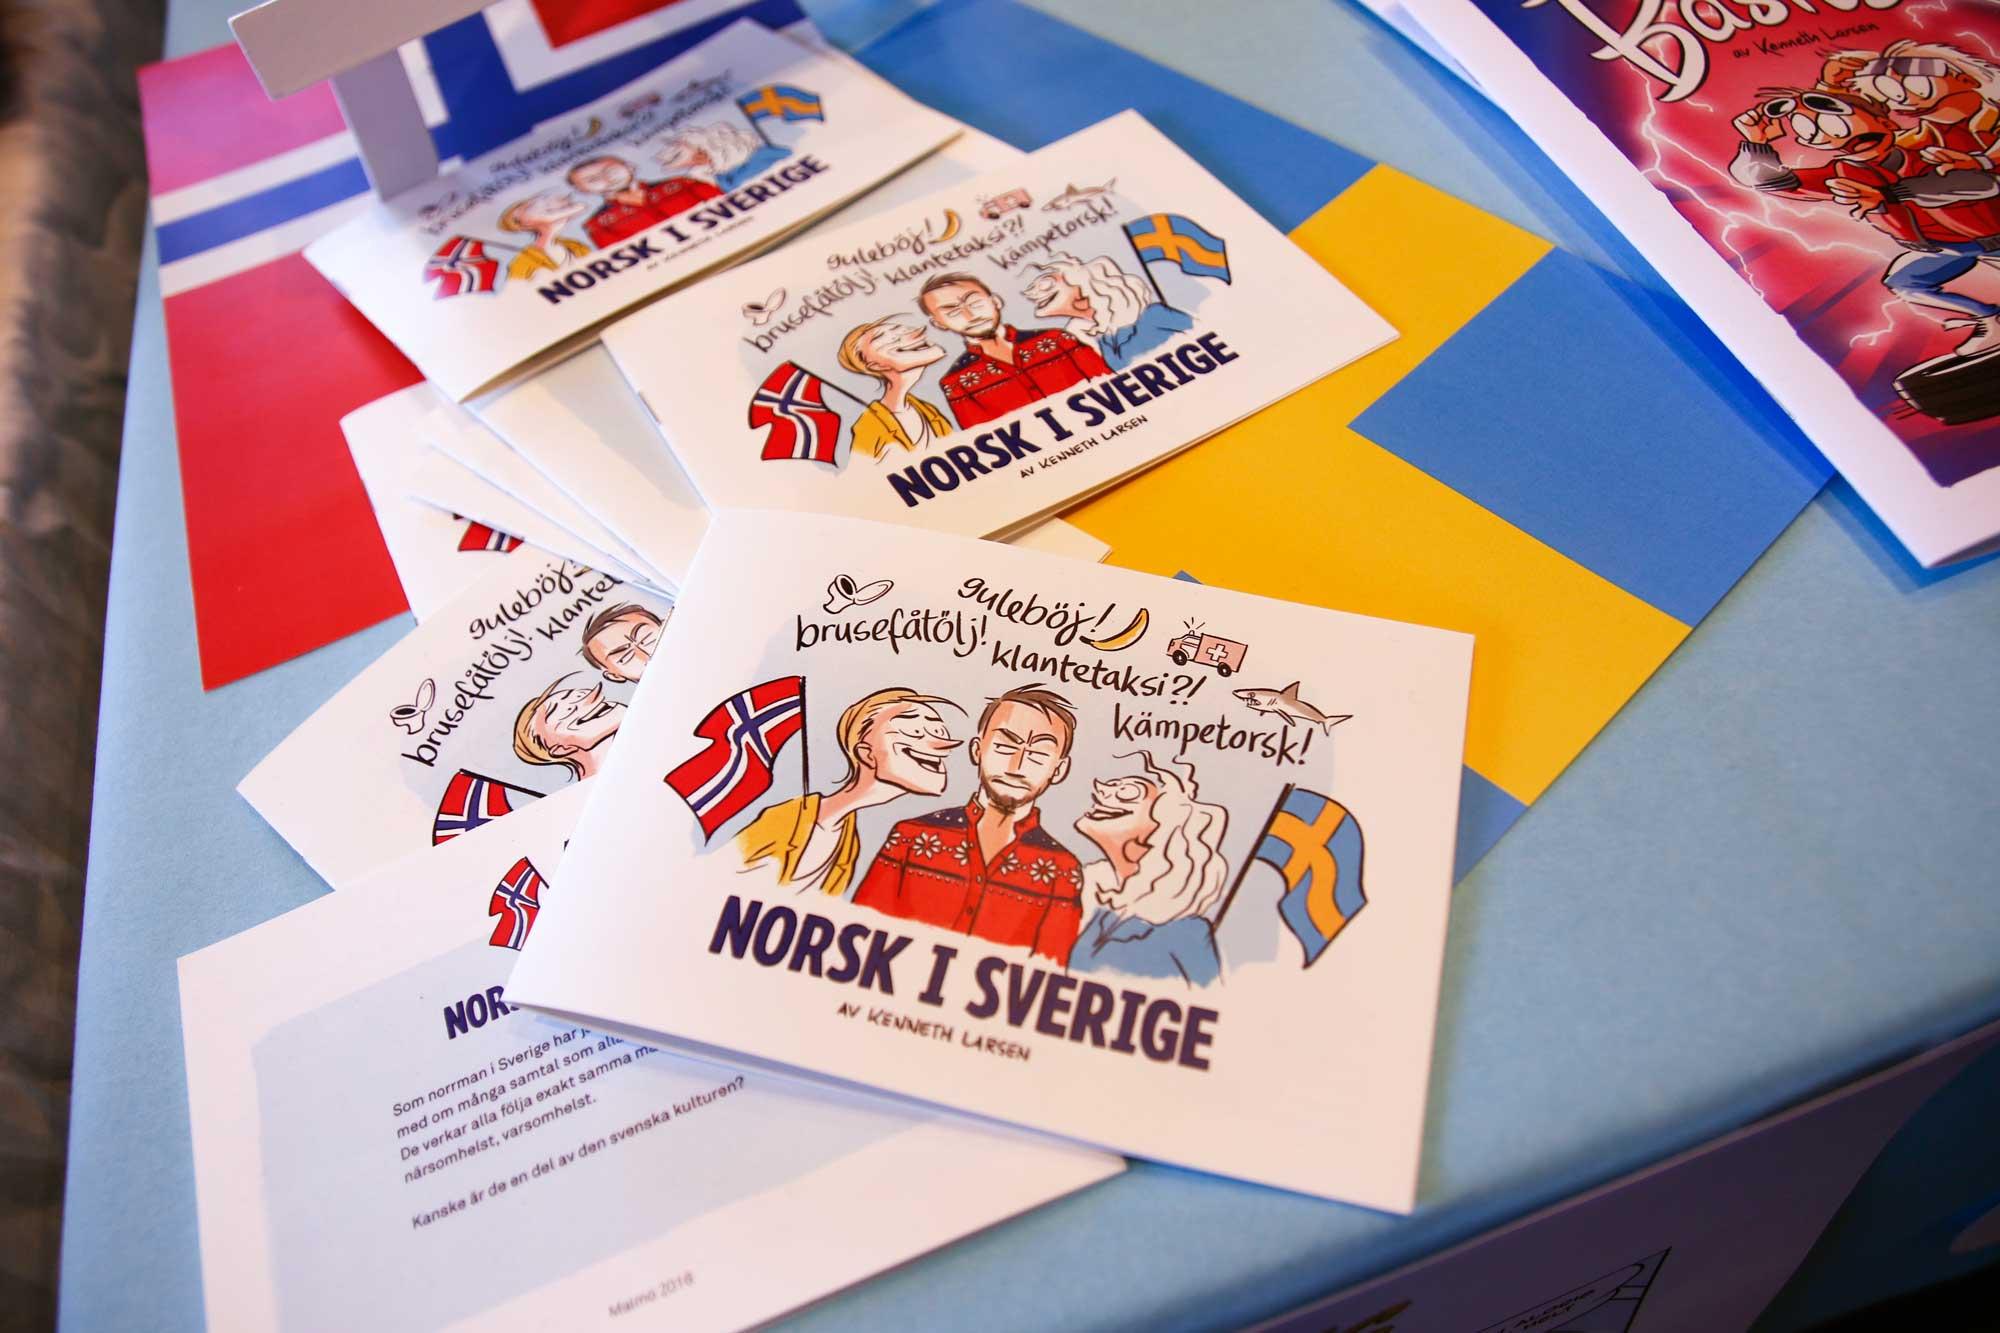 Norsk-i-Sverige-Kennethlarsen